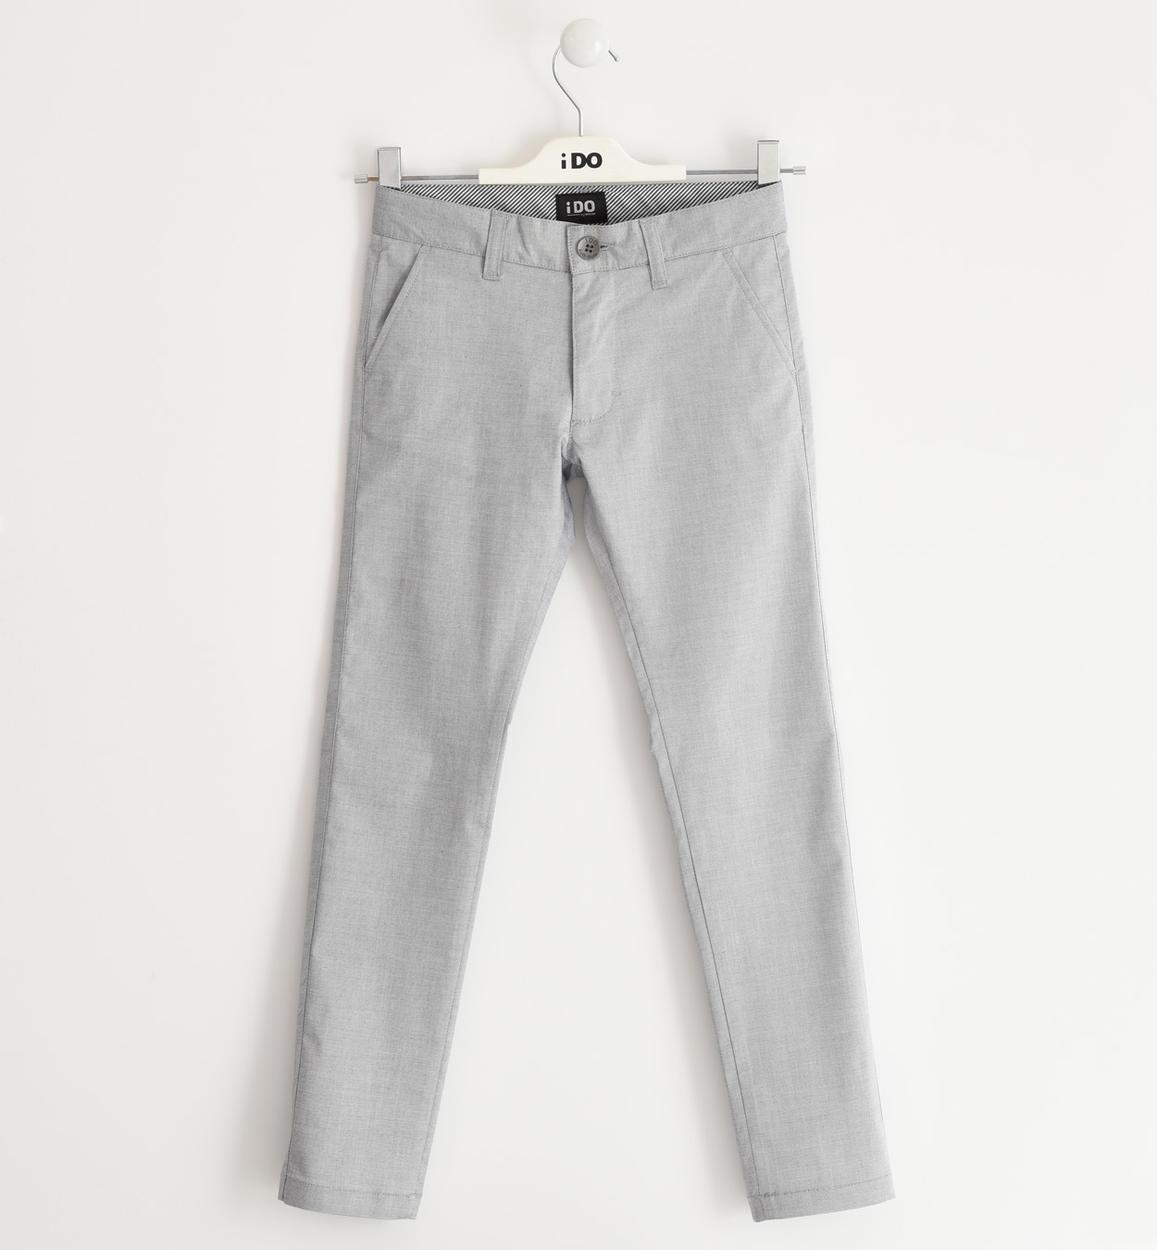 elegante e fresco pantalone per bambino grigio fronte 01 2524j42100 0516